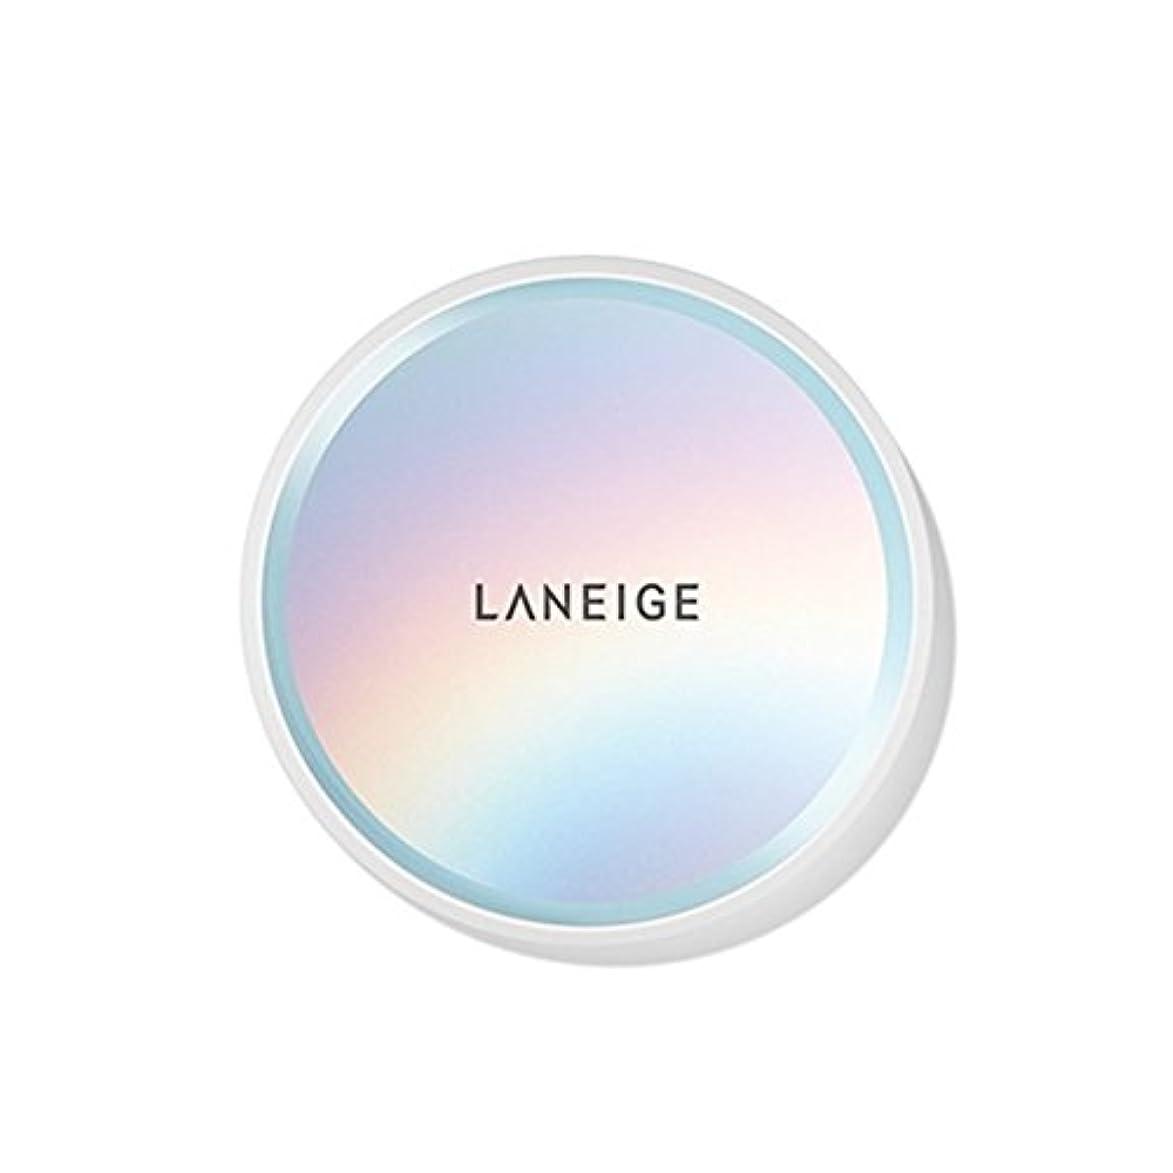 出口密輸まあ【ラネージュ】 LANEIGE BB Cushion Pore Control BBクッションポアコントロール 【韓国直送品】 OOPSPANDA (6.No. 13 Cool Ivory)